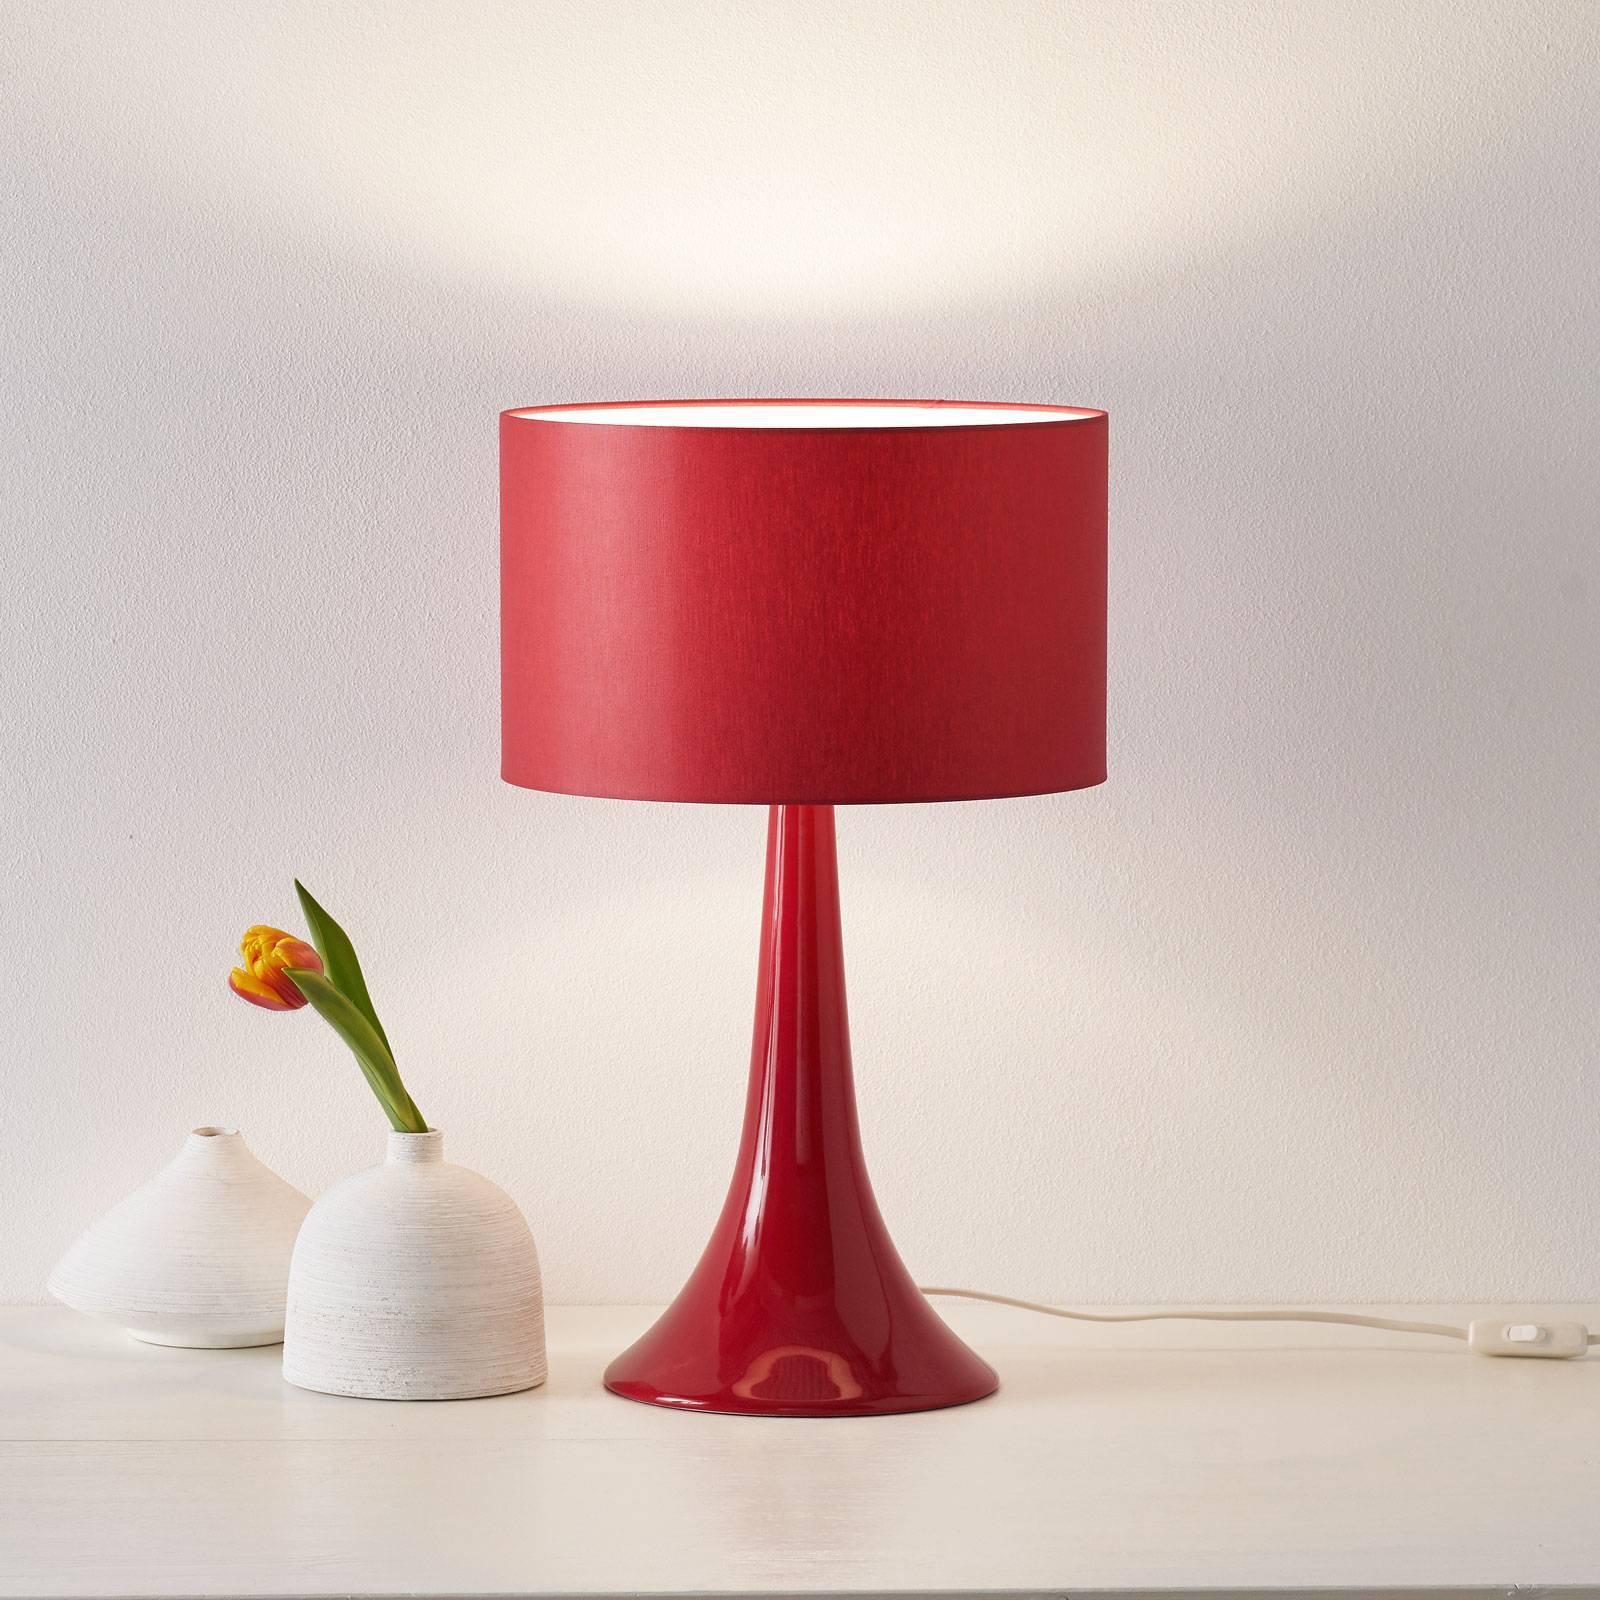 Tekstil-bordlampe L1810 med keramisk fot, rød